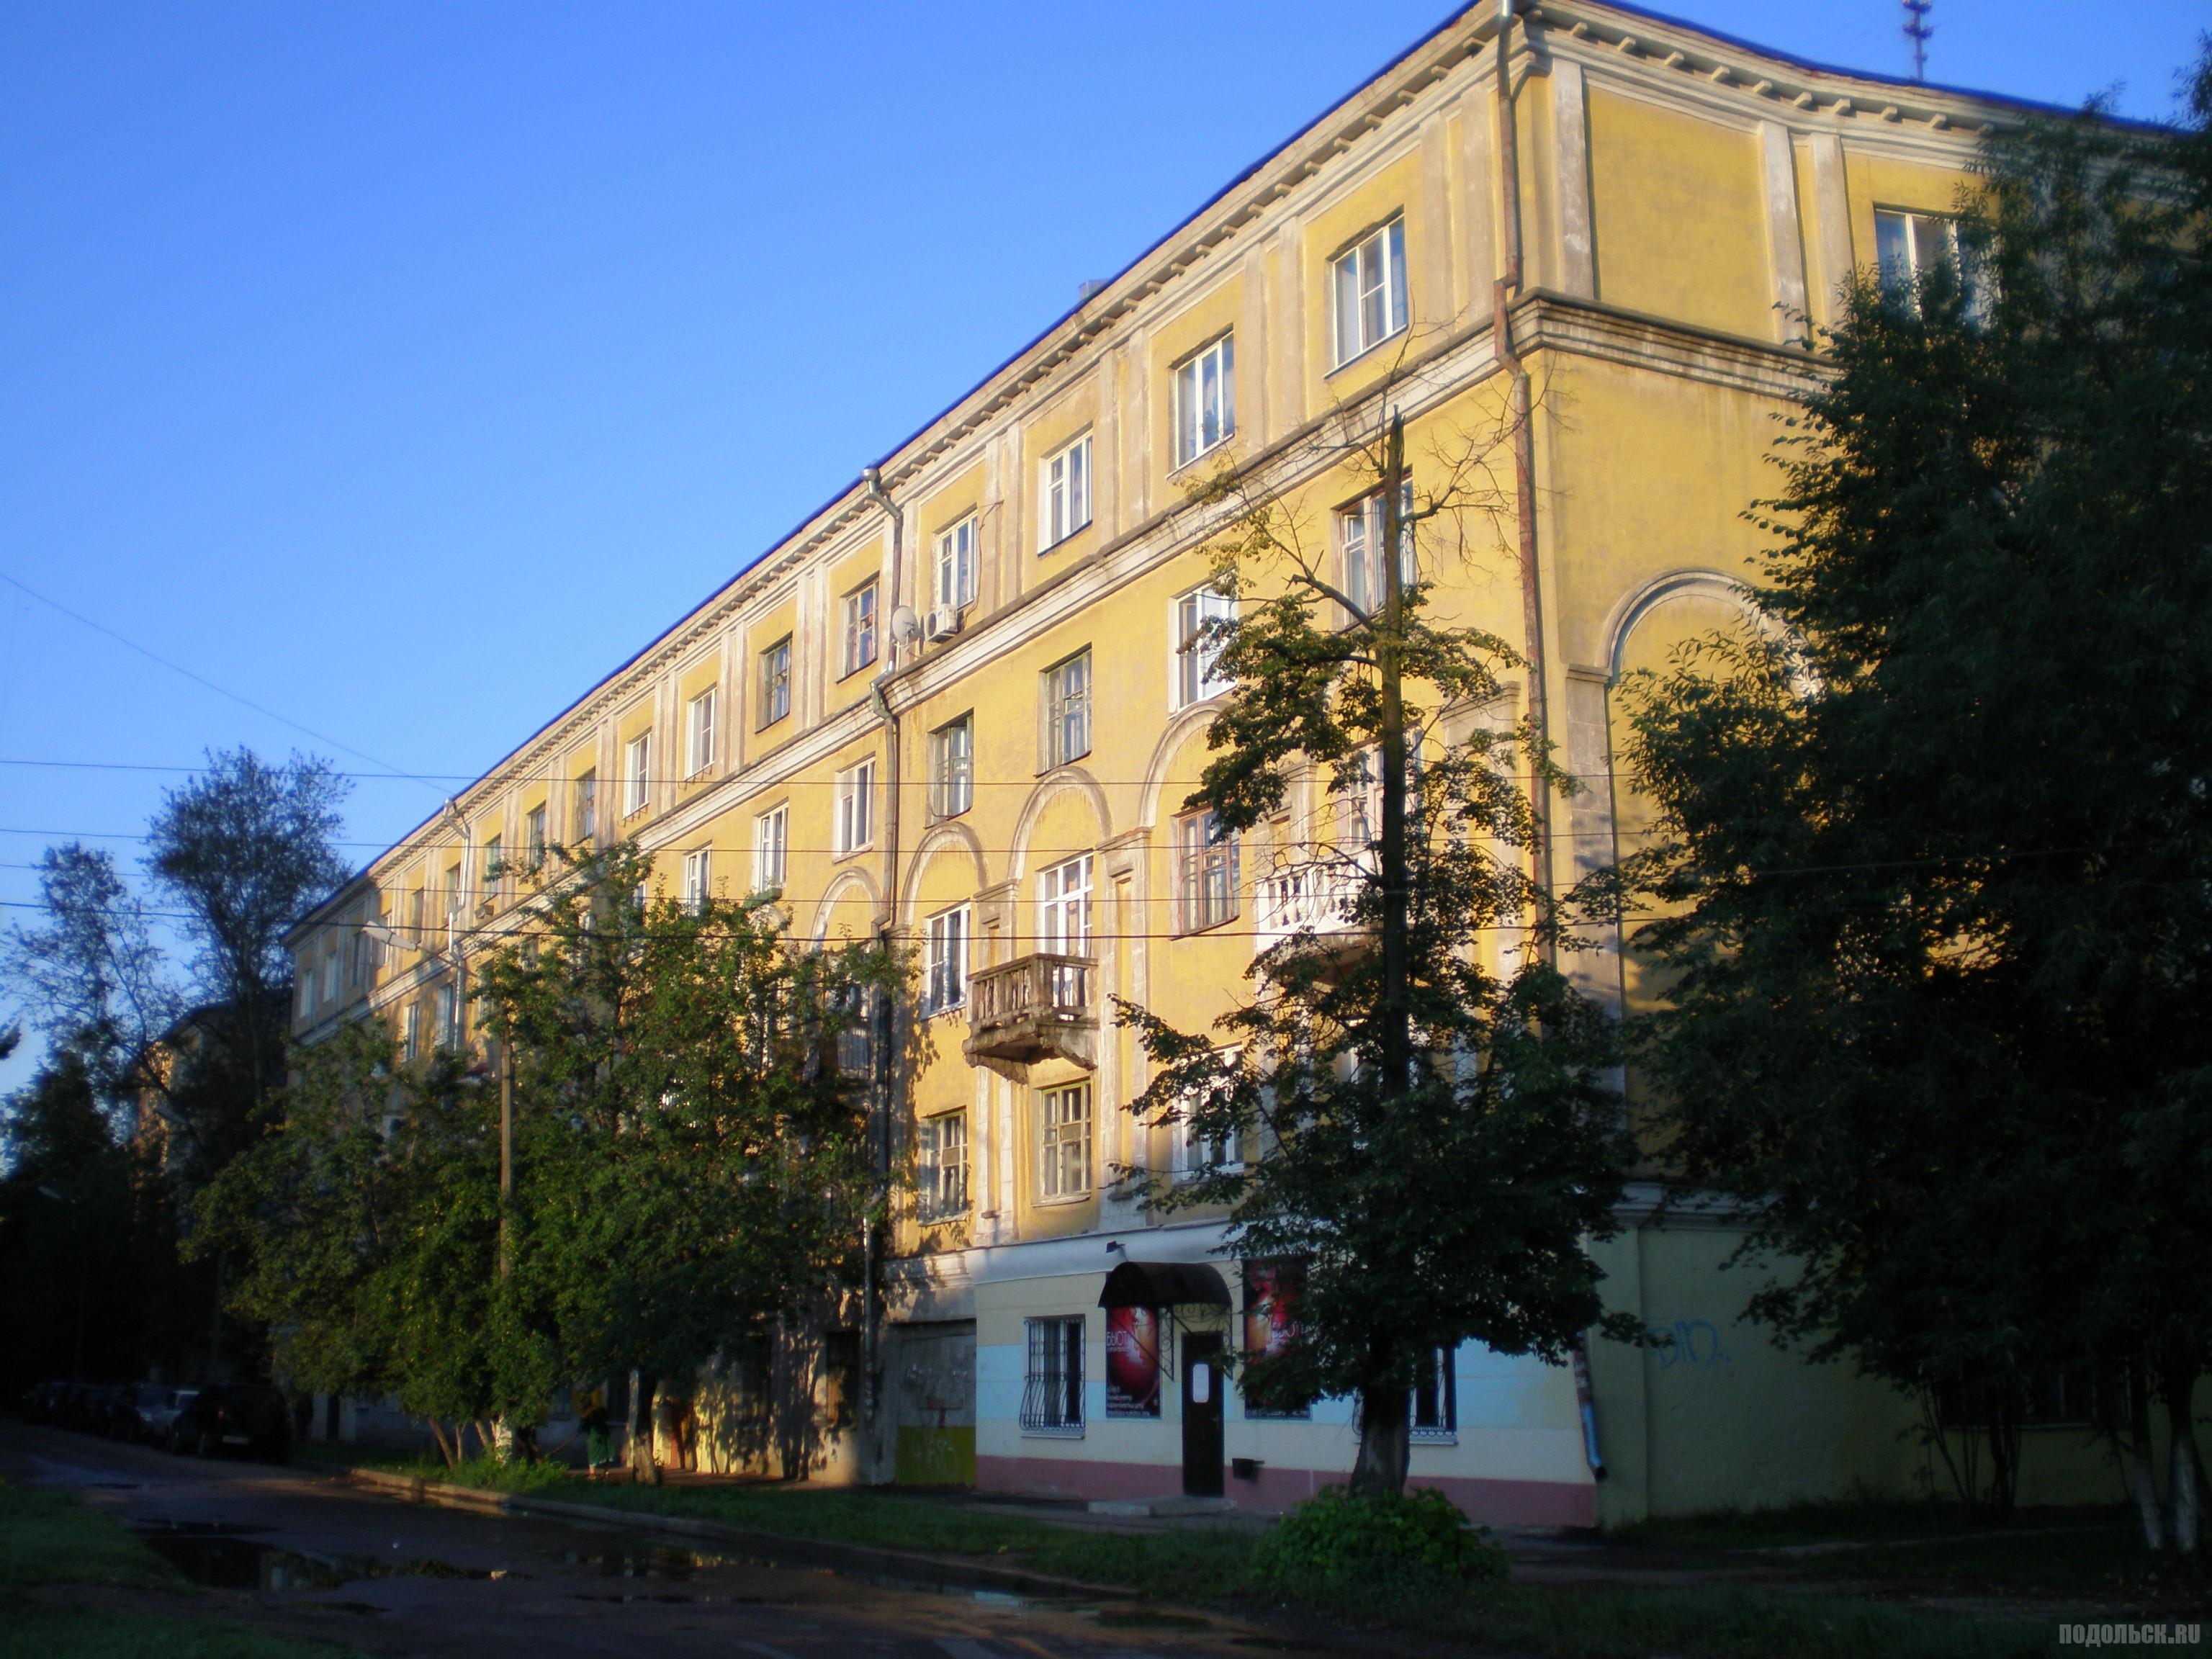 Ул. Дзержинского, 20.08.2008 г.